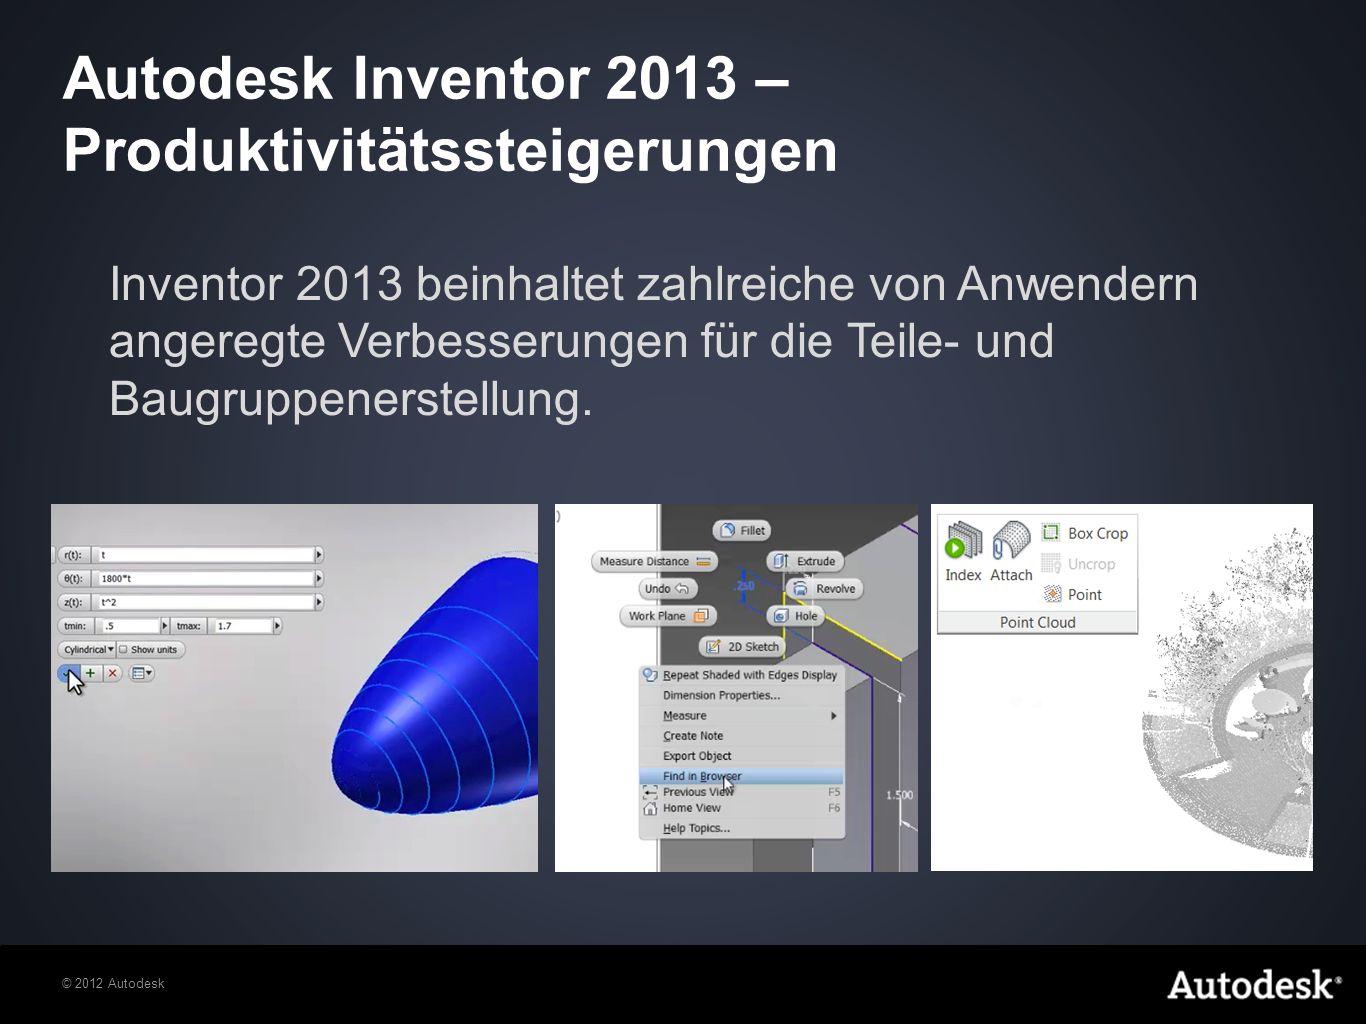 © 2012 Autodesk Inventor 2013 steigert Ihre Produktivität mit leistungsstarken neuen Skizzierfunktionen wie dem Werkzeug zum dynamischen Zuschneiden/Verlängern, der vereinfachten Erstellung von 2D- und 3D-Splines und den Funktionen für gleichungsbasierte Kurven.